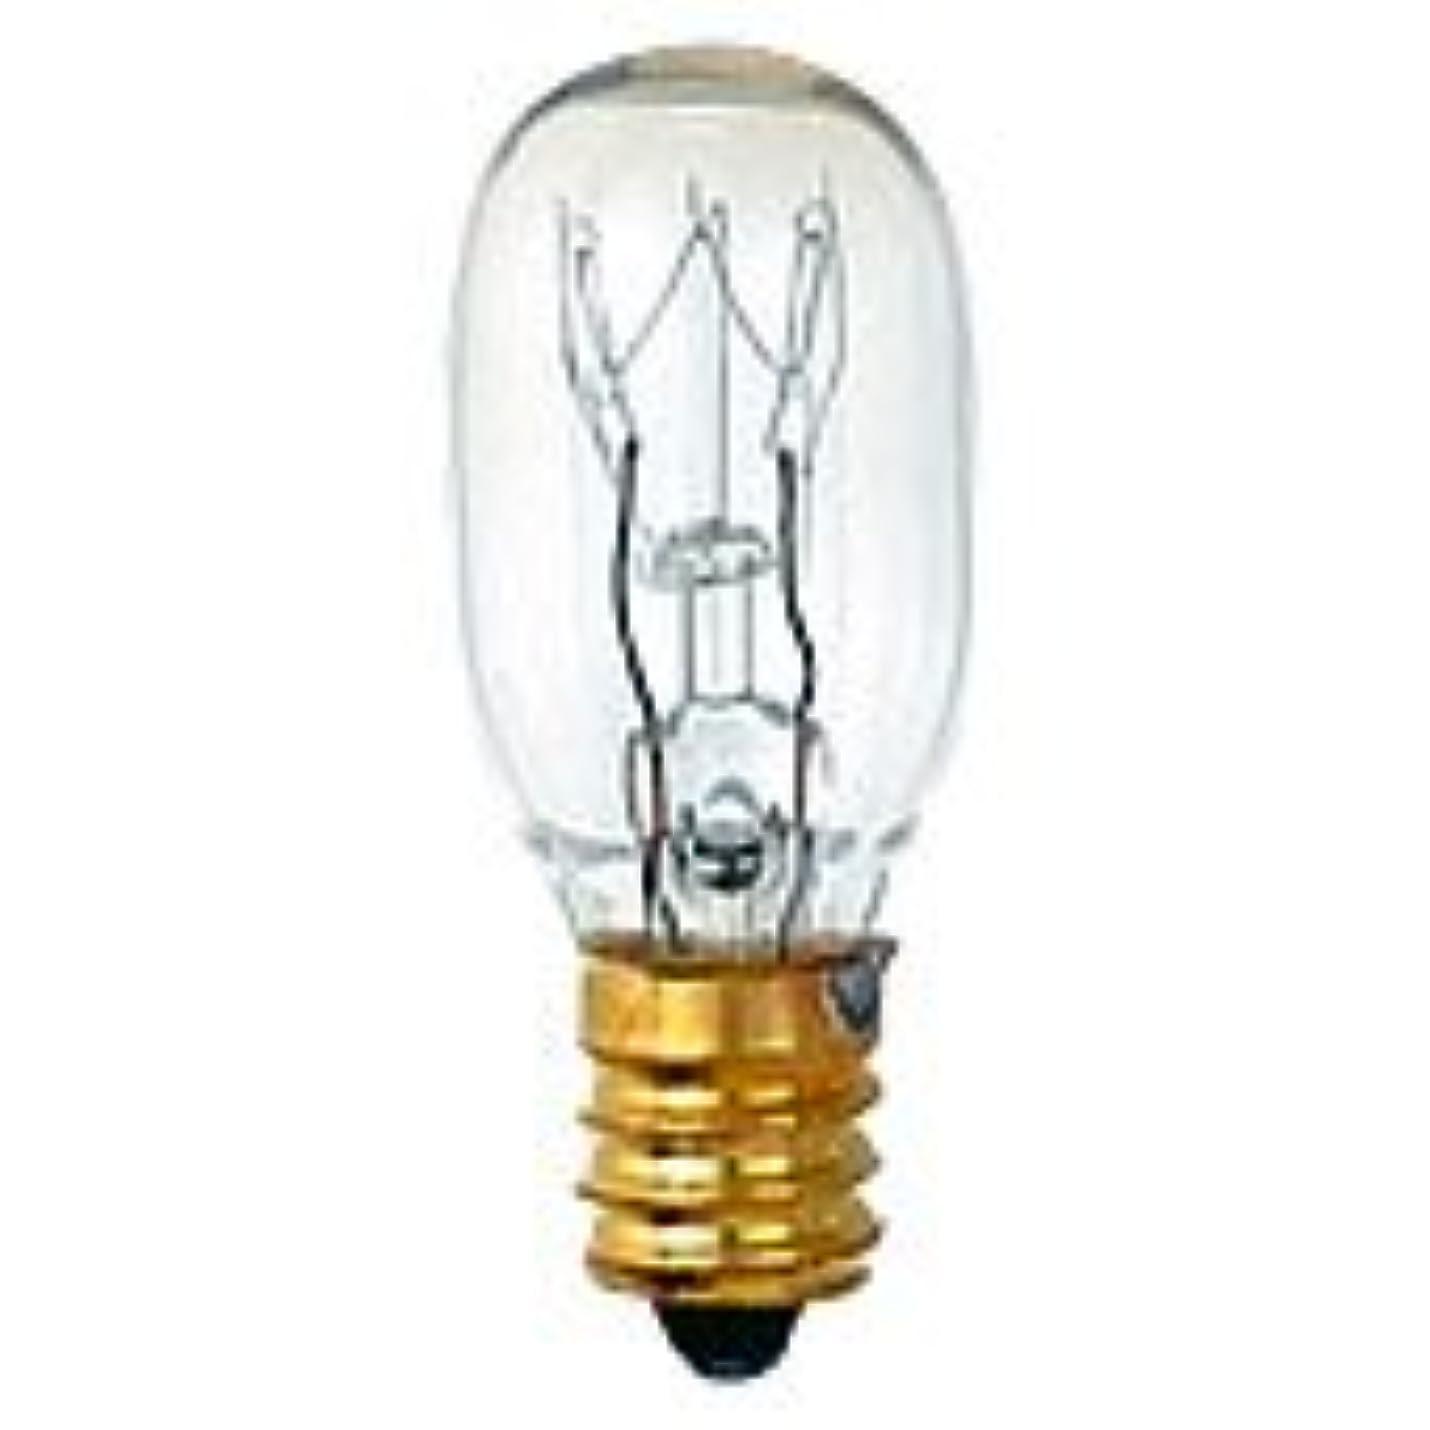 モバイル光沢のあるキャンパス生活の木 アロマランプM用 電球[15W]